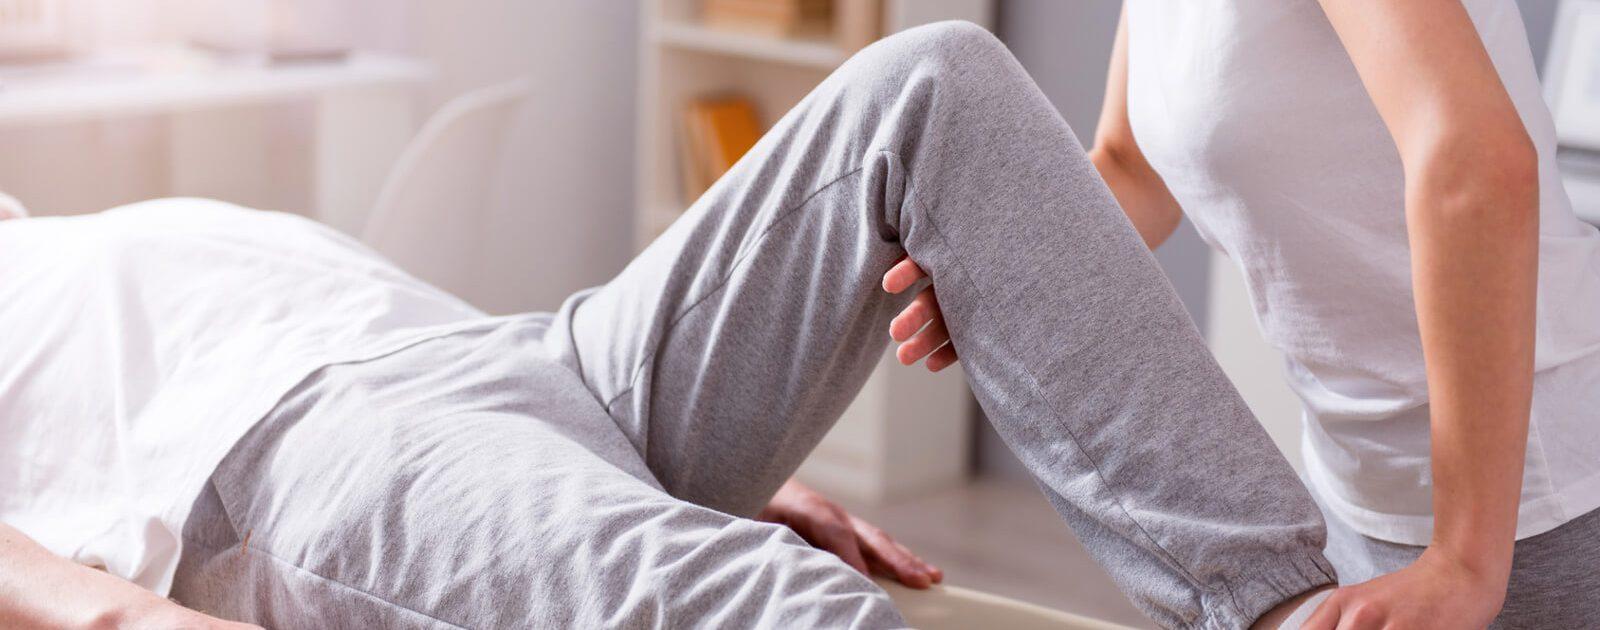 Mann mit Lähmung der Beine bei der Physiotherapie.